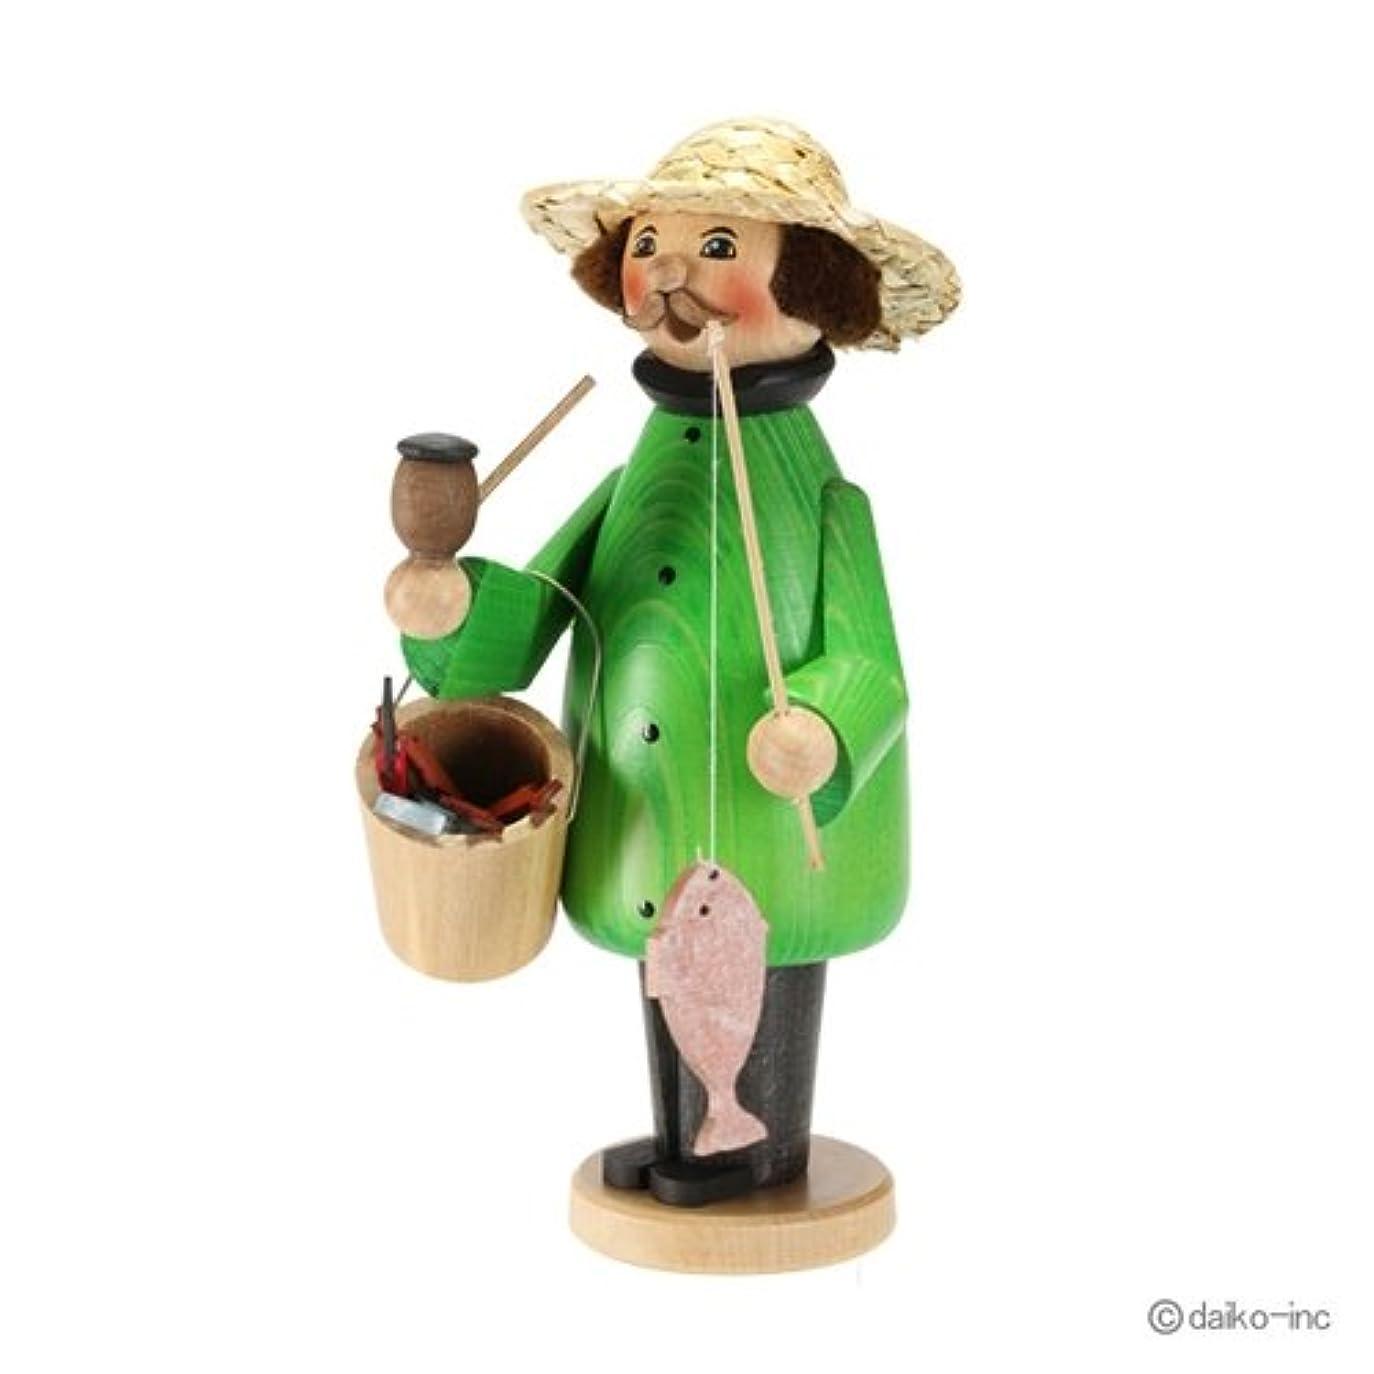 暗黙謝る気がついてクーネルト kuhnert ミニパイプ人形香炉 釣り人